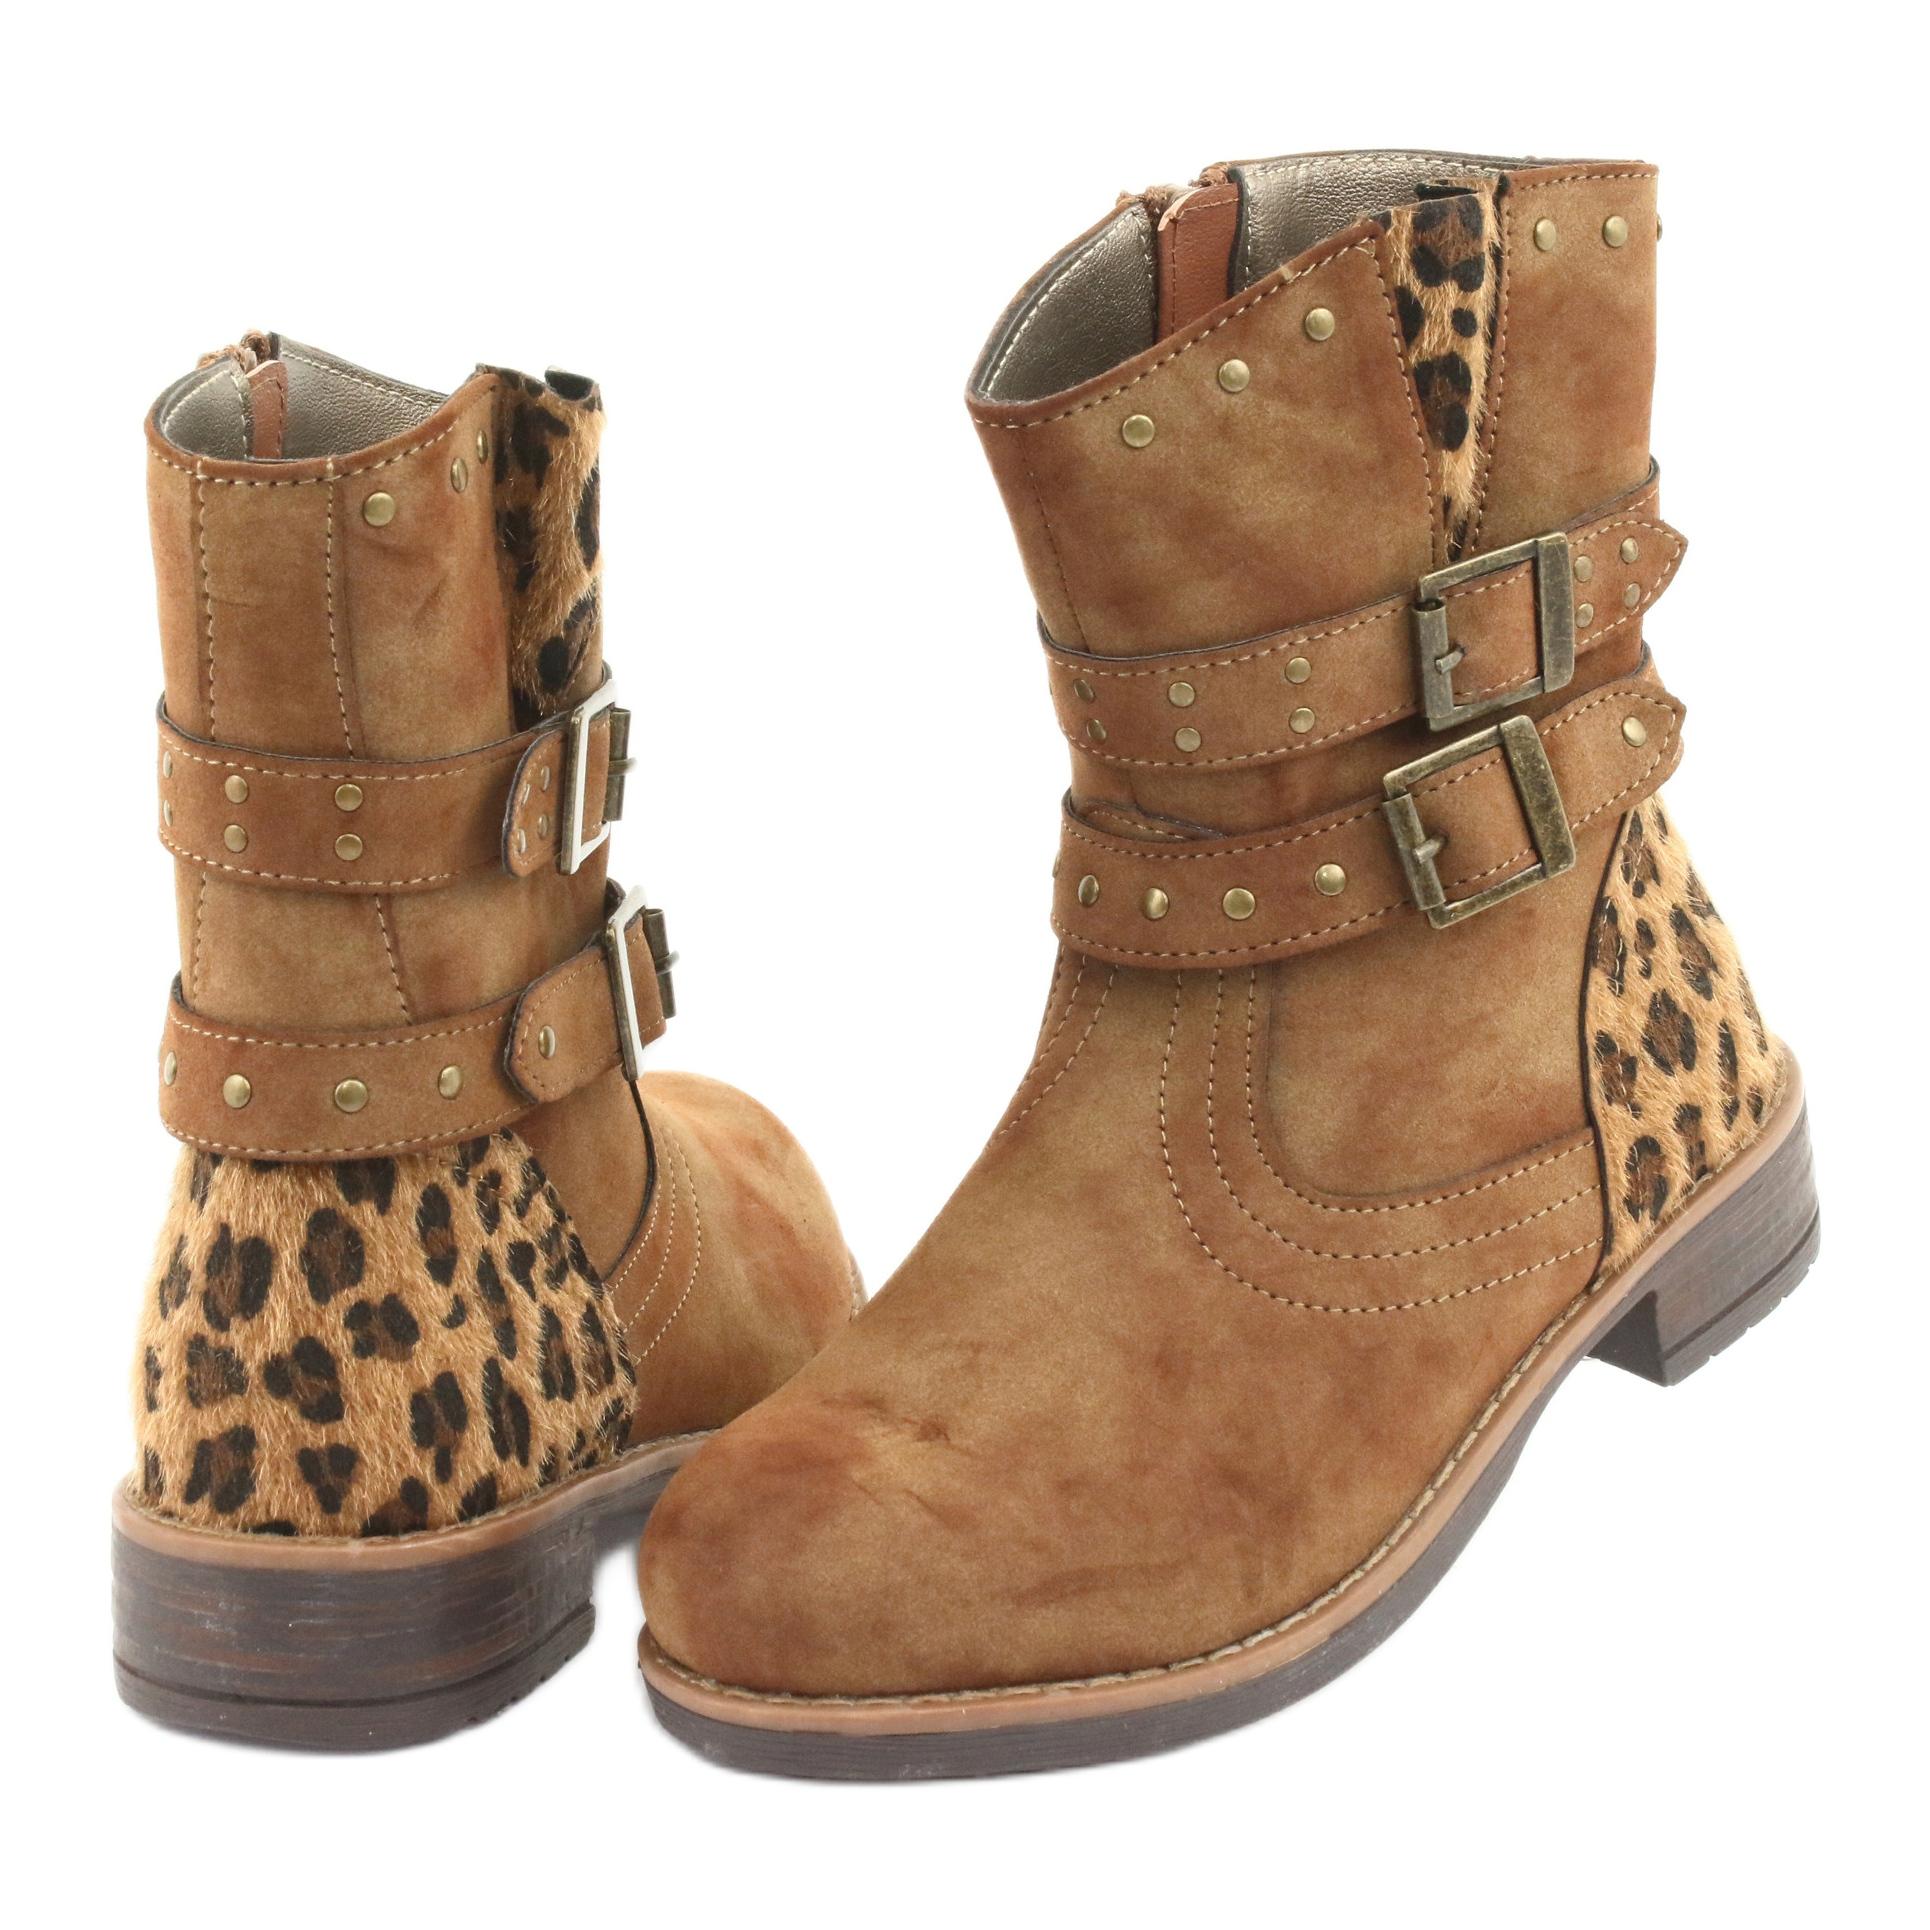 miniatura 5 - American Club Stivali di leopardo Getti marroni americani marrone